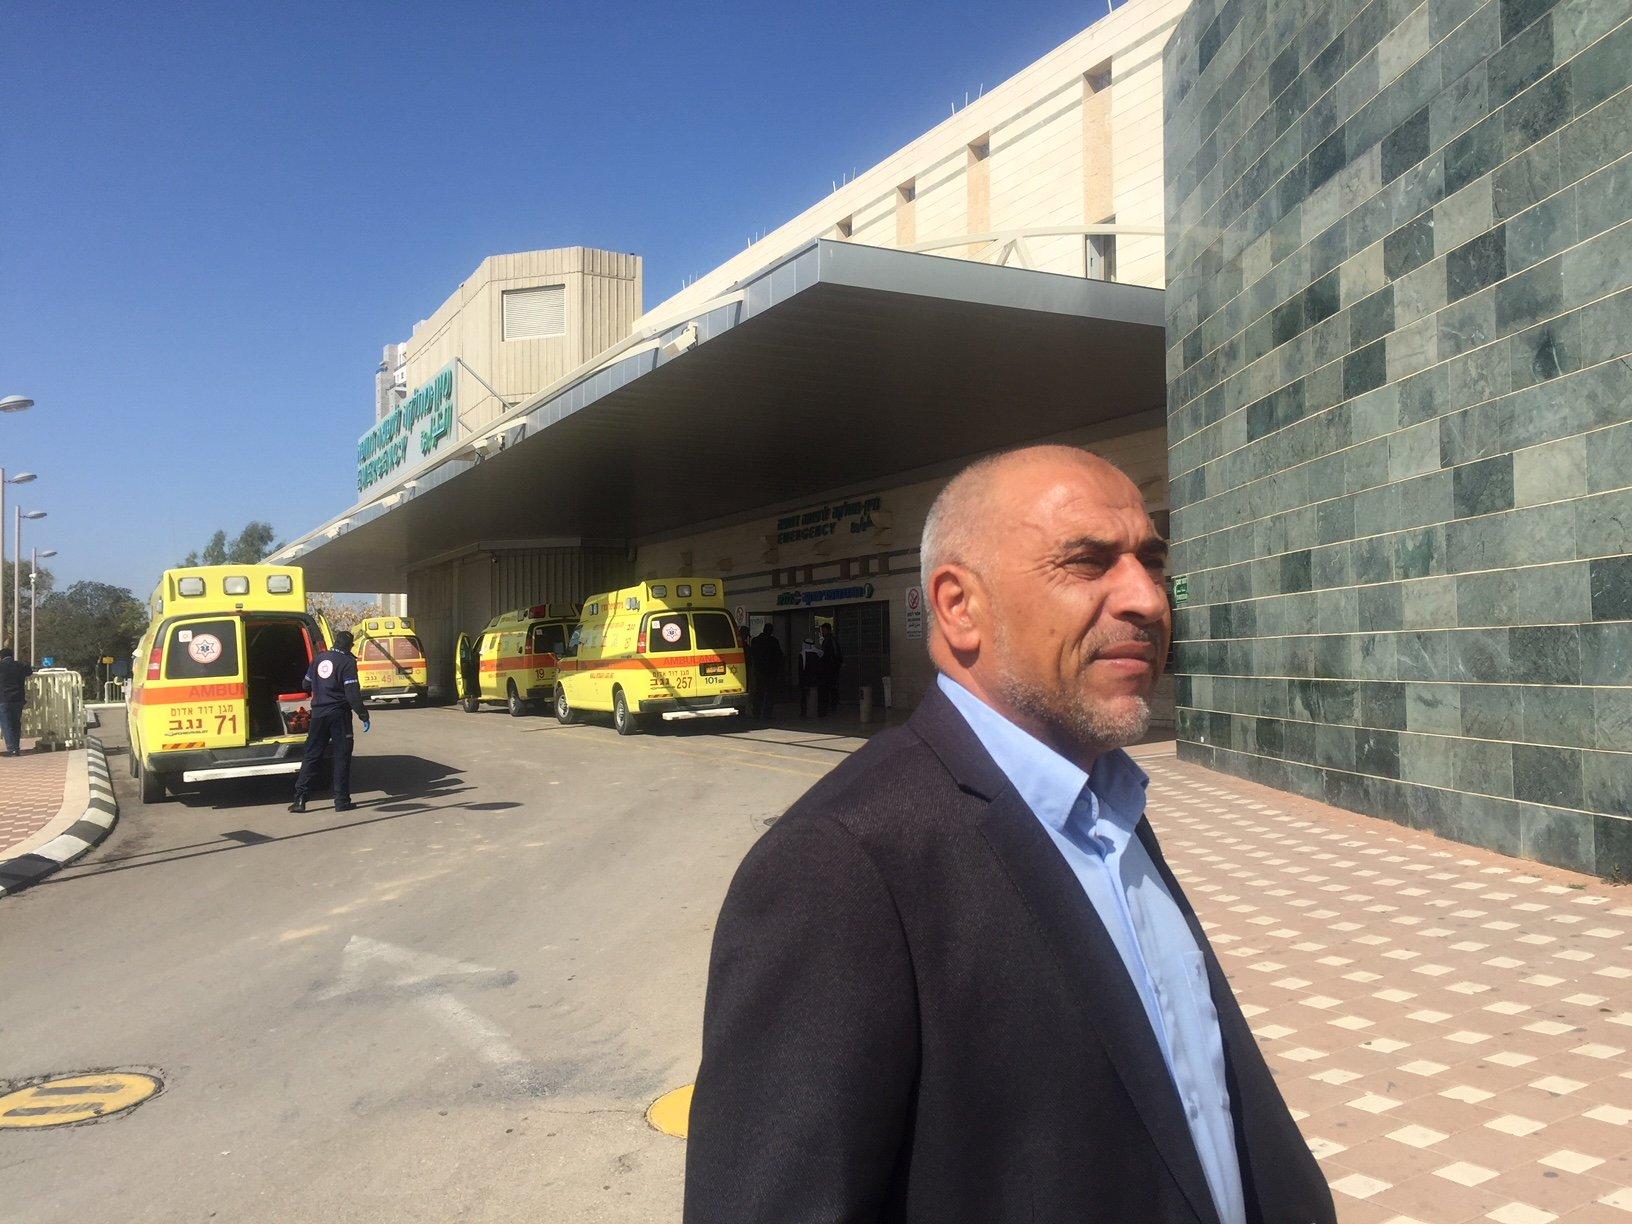 النائب طلب ابو عرار يزور الأطفال الذين اصيبوا خلال حريق بيت بقرية حورة